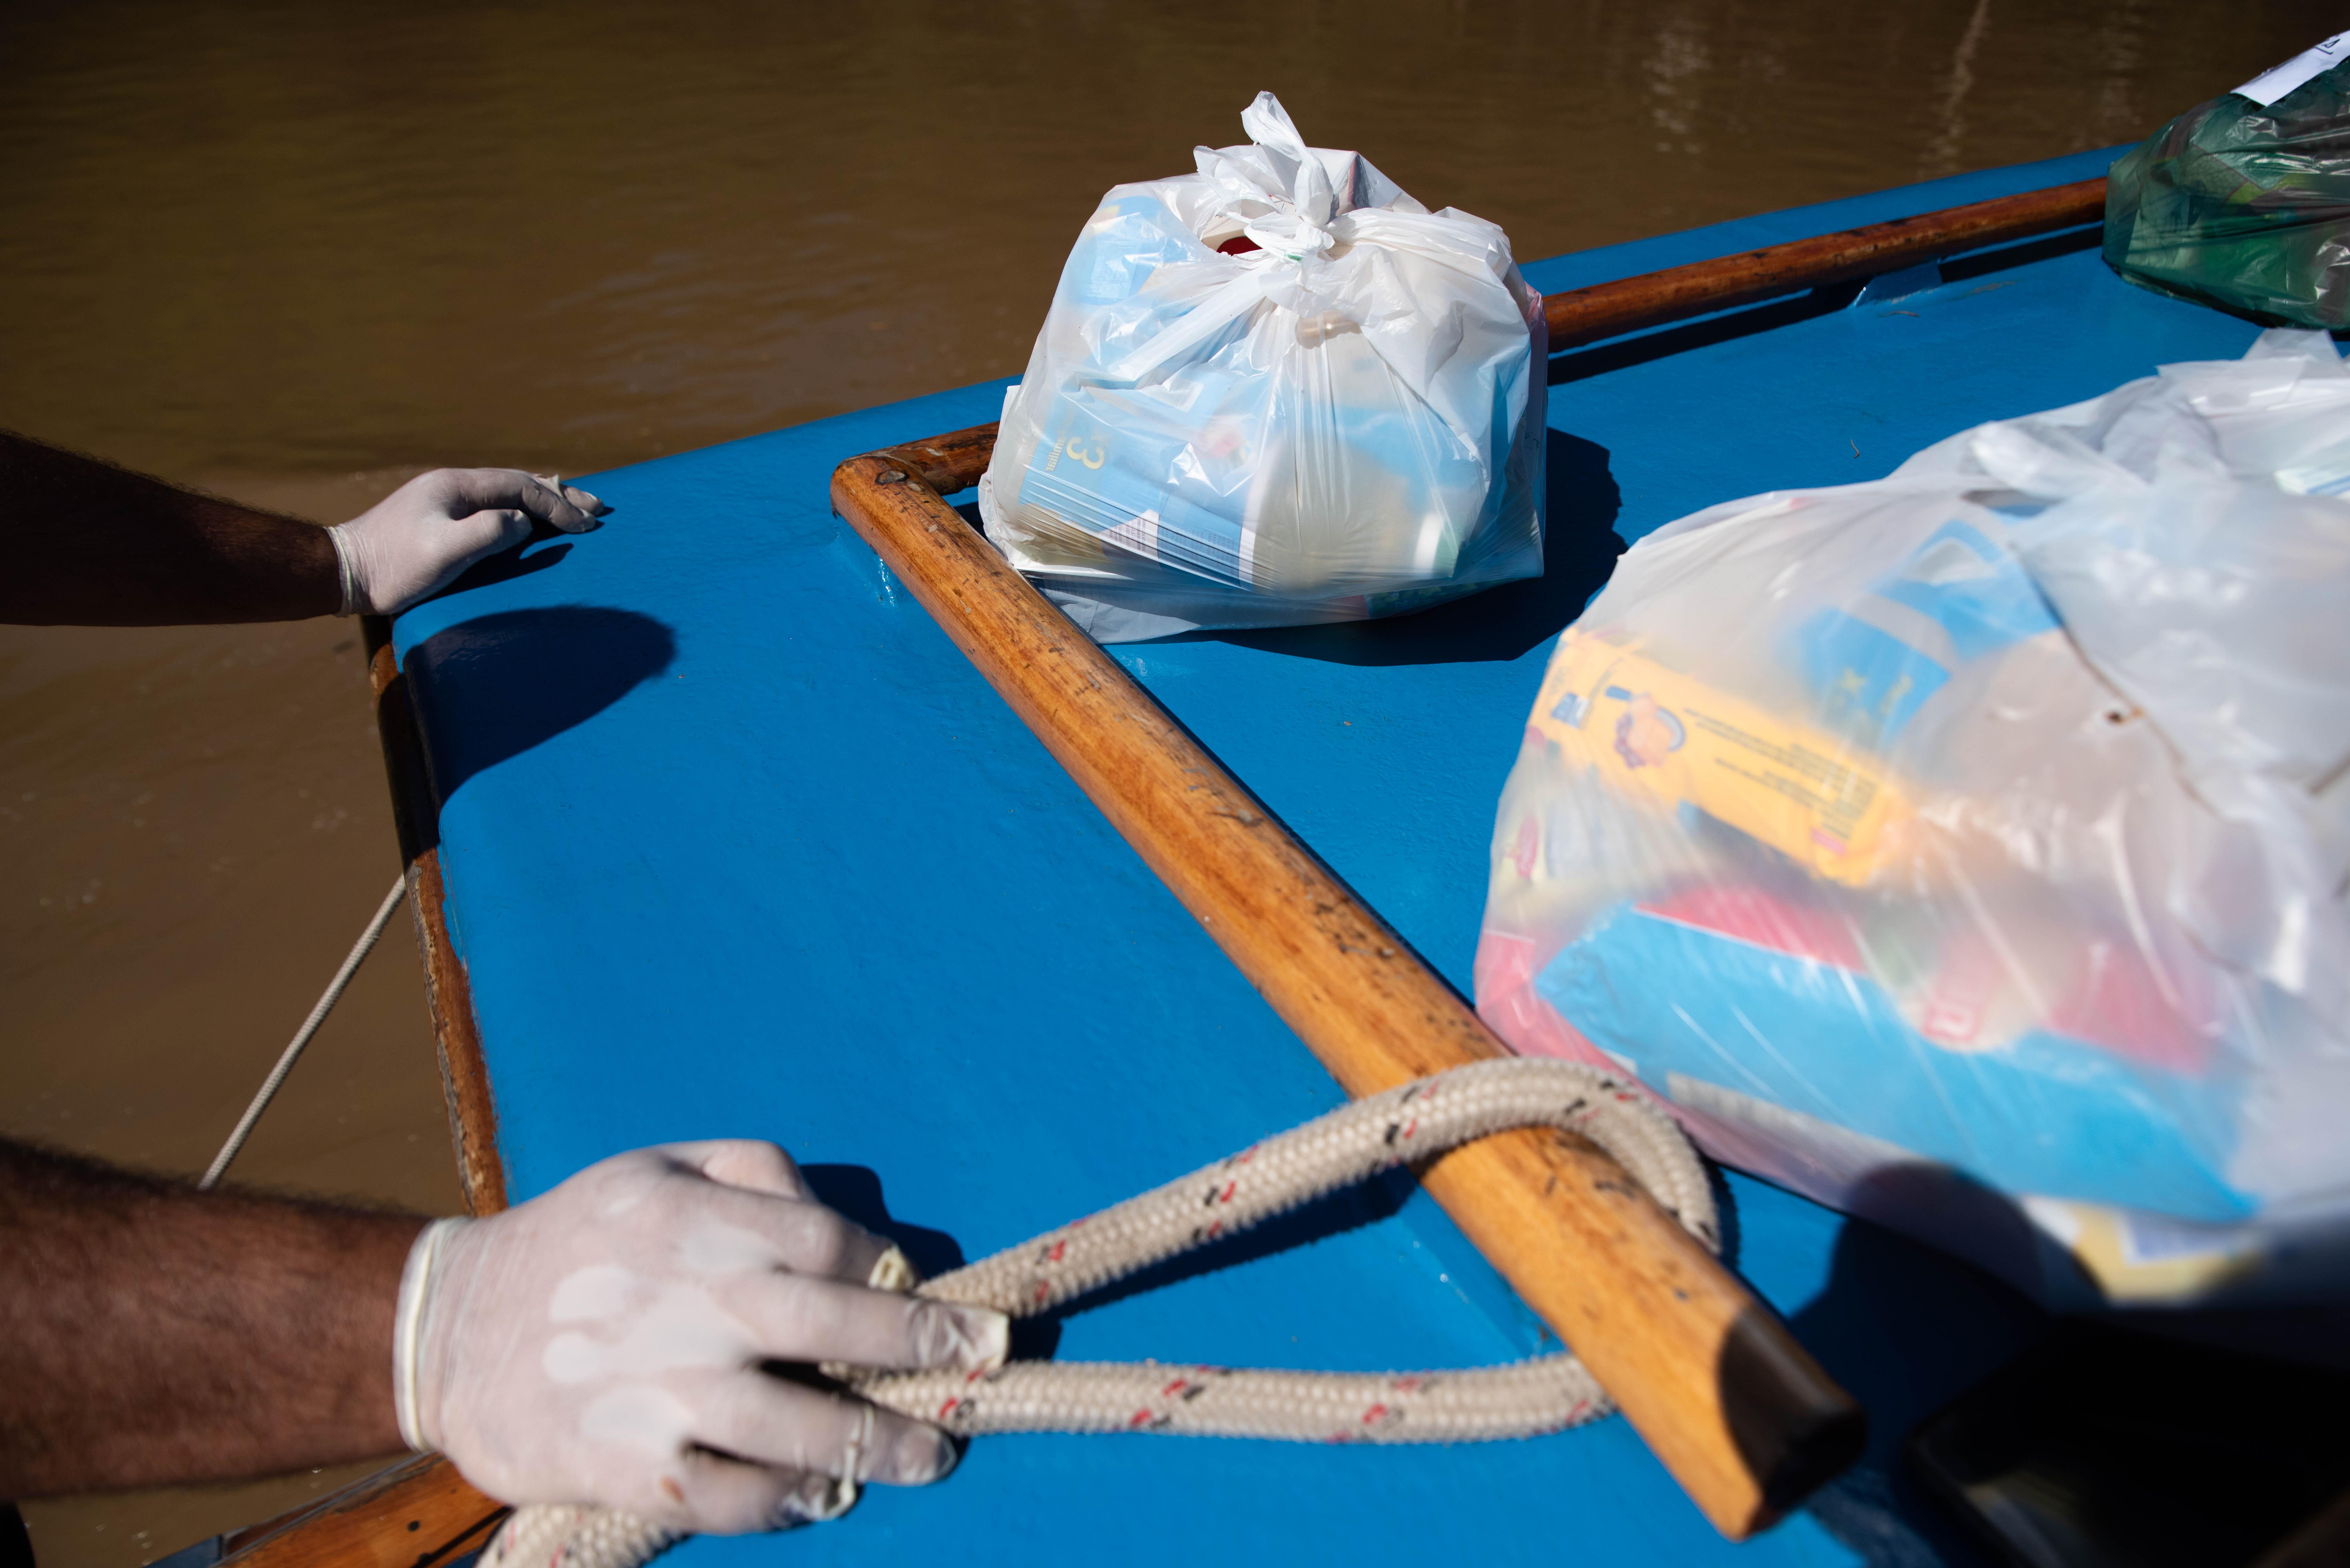 Los docentes tomaron como medidas preventivas ante el COVID 19 el uso de guantes, barbijos y alcohol en gel a lo largo de todo el recorrido.